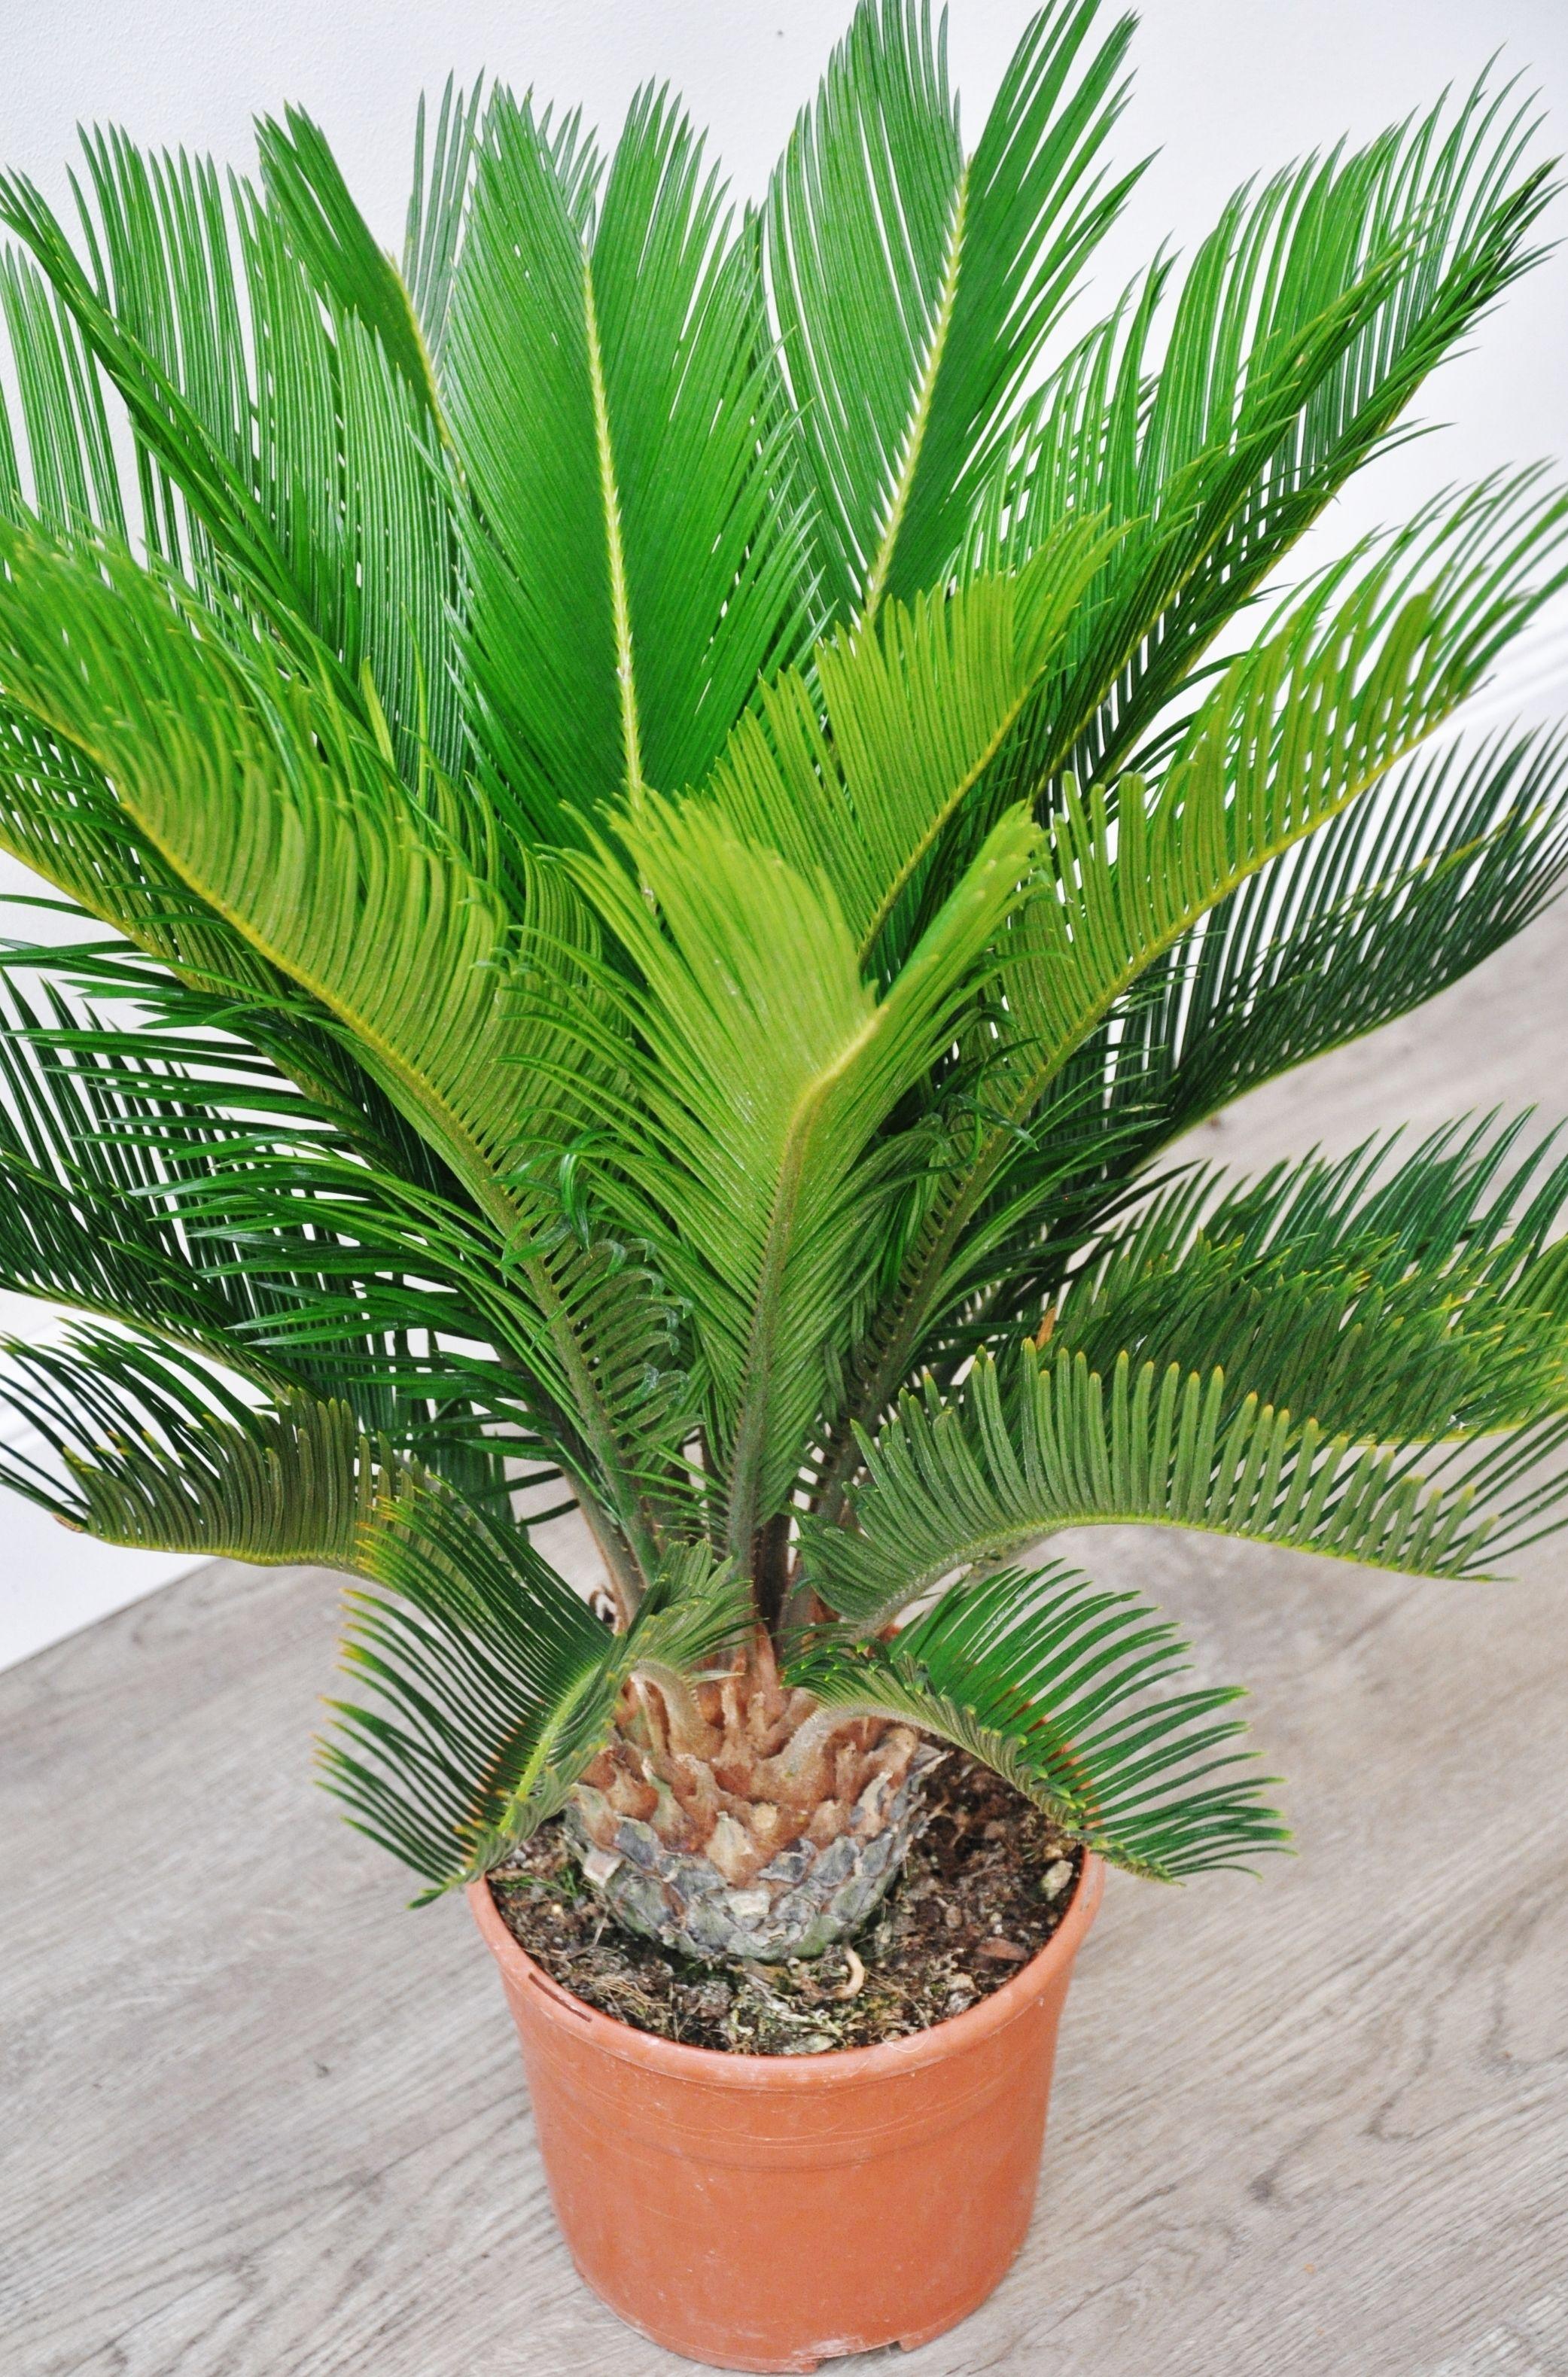 Palmfarn Sago Palme Kaktus Palmen Pflanzen